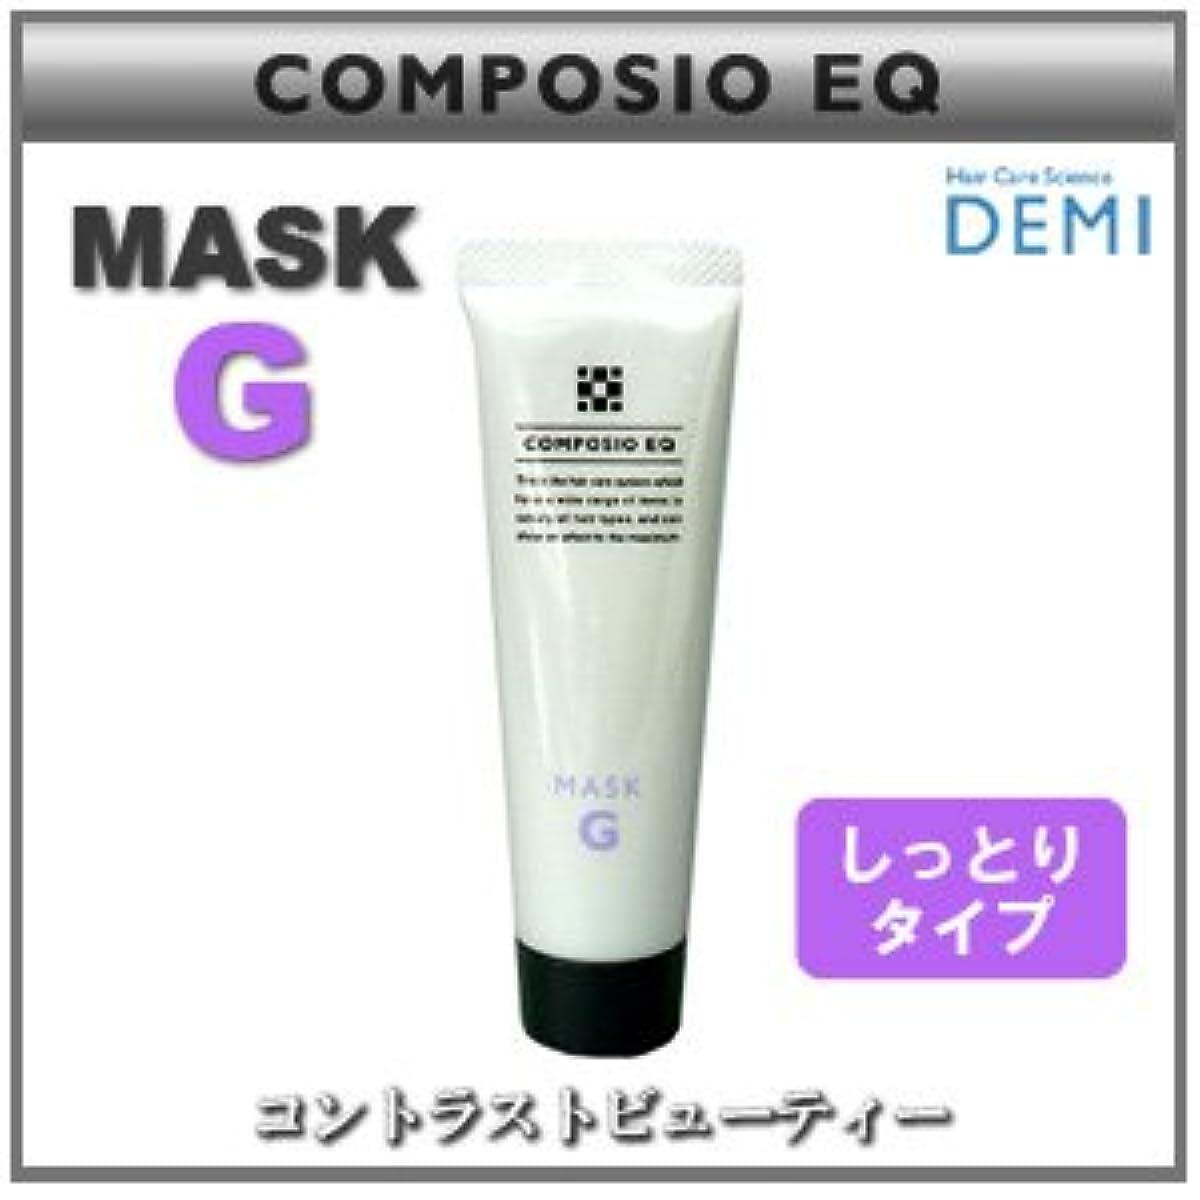 ナビゲーション側アクロバット【X2個セット】 デミ コンポジオ EQ マスク G 50g